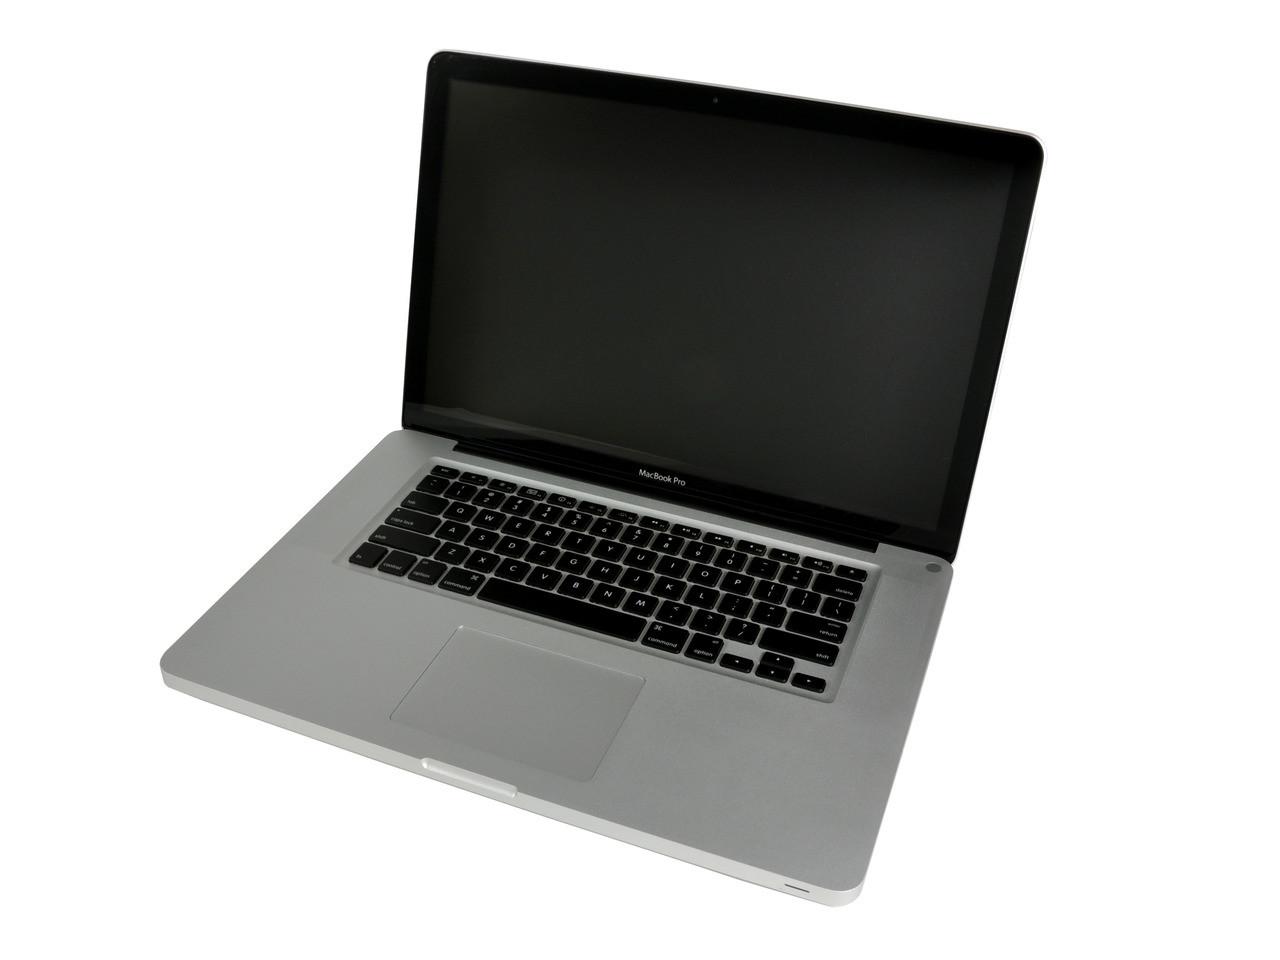 MacBook Pro Display View